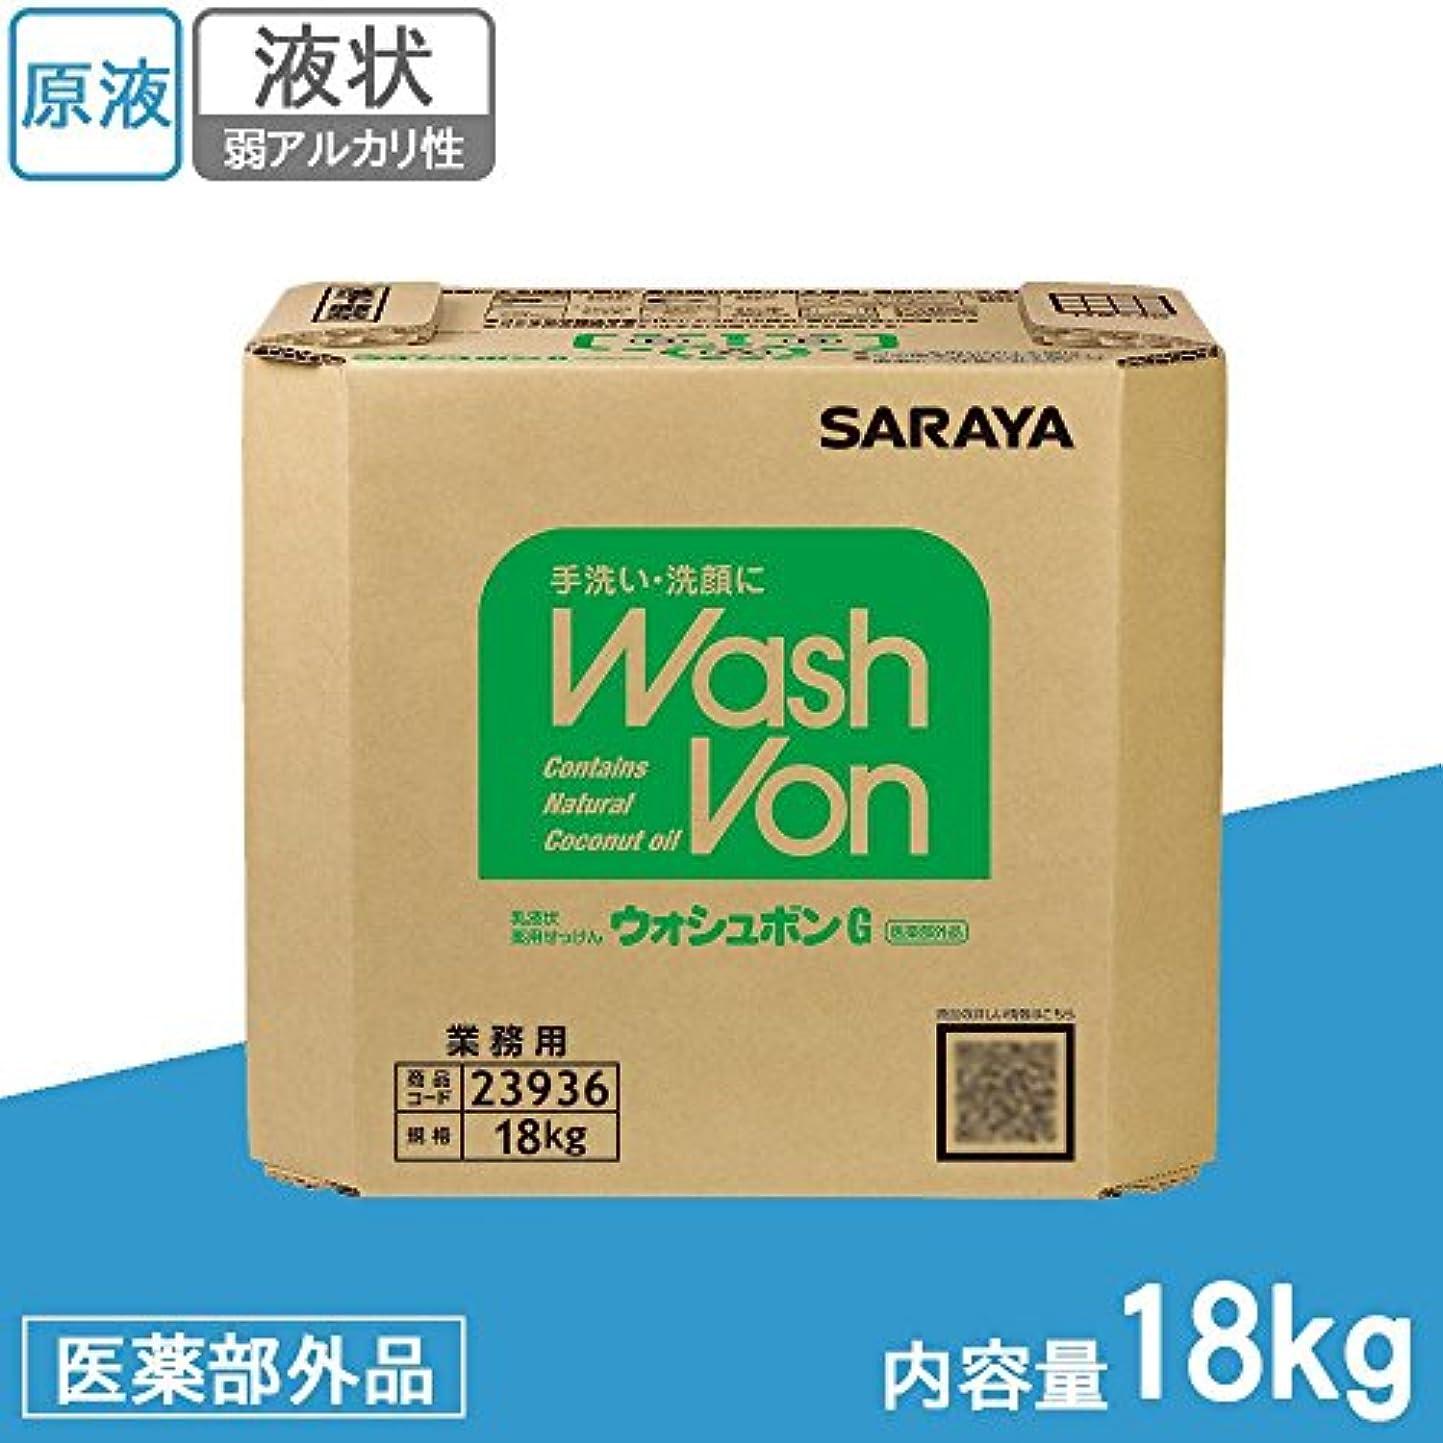 債務学習時々時々サラヤ 業務用 乳液状薬用せっけん ウォシュボンG 18kg BIB 23936 (医薬部外品)